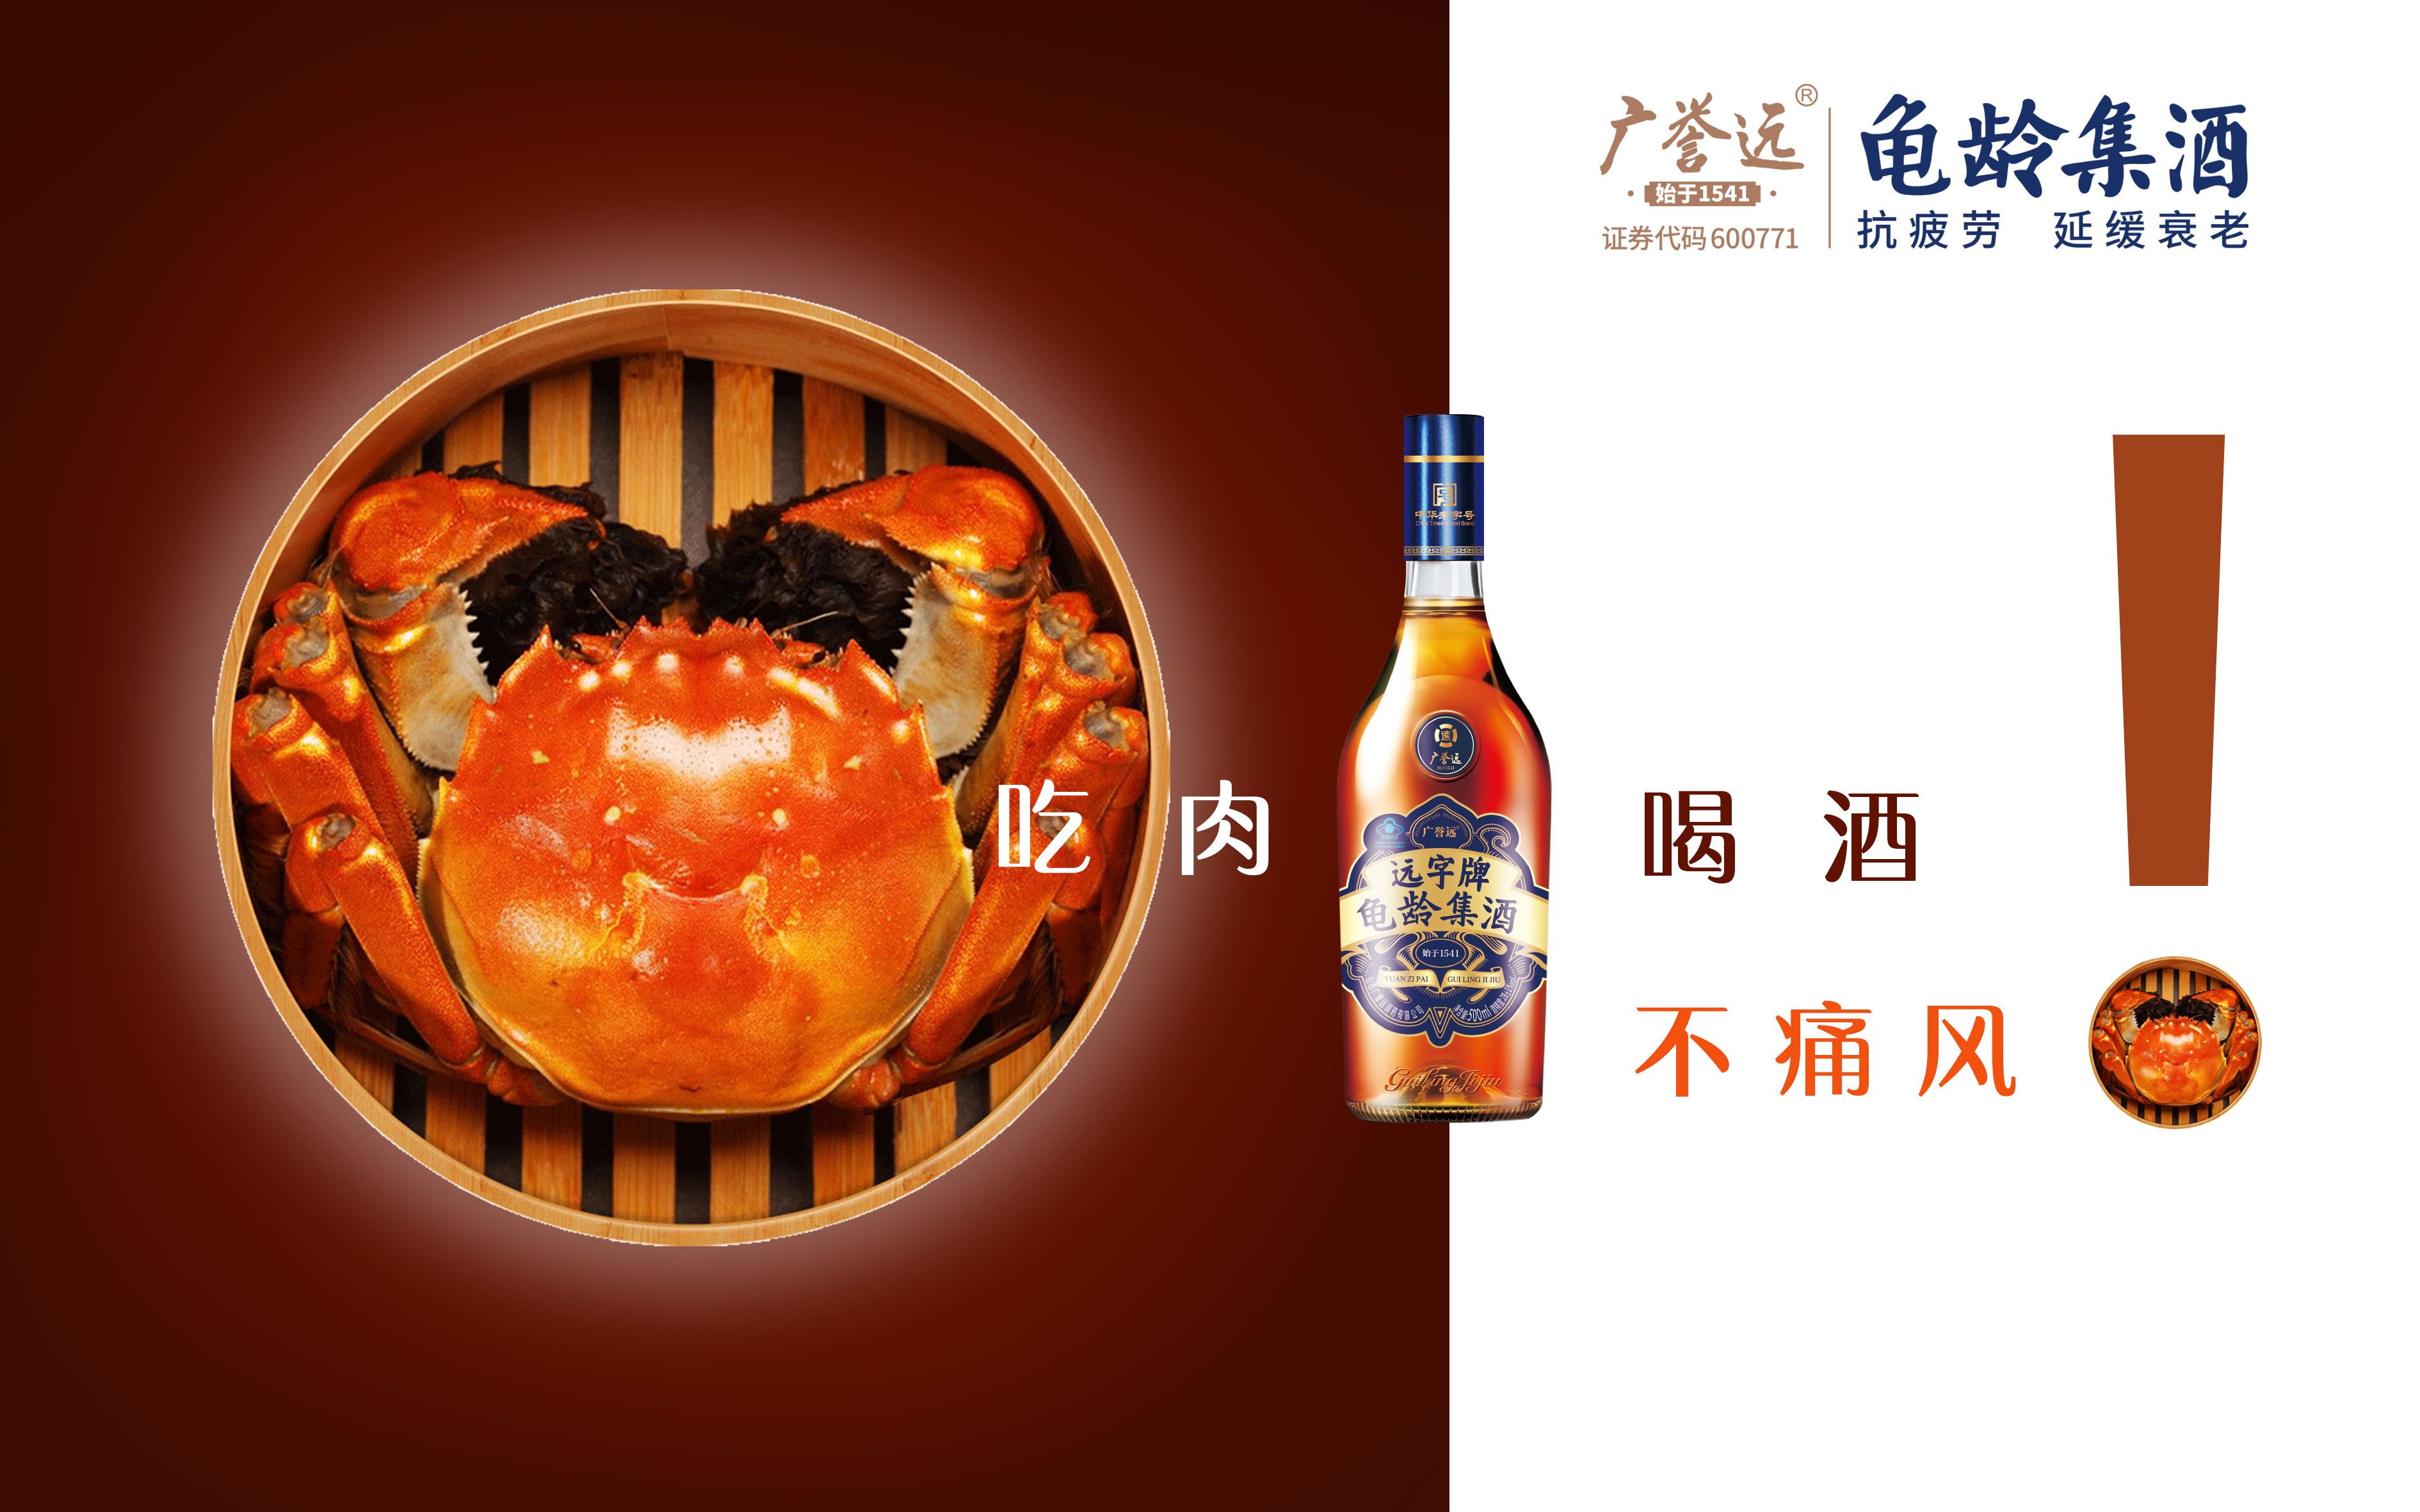 中国十大保健酒品牌(上)